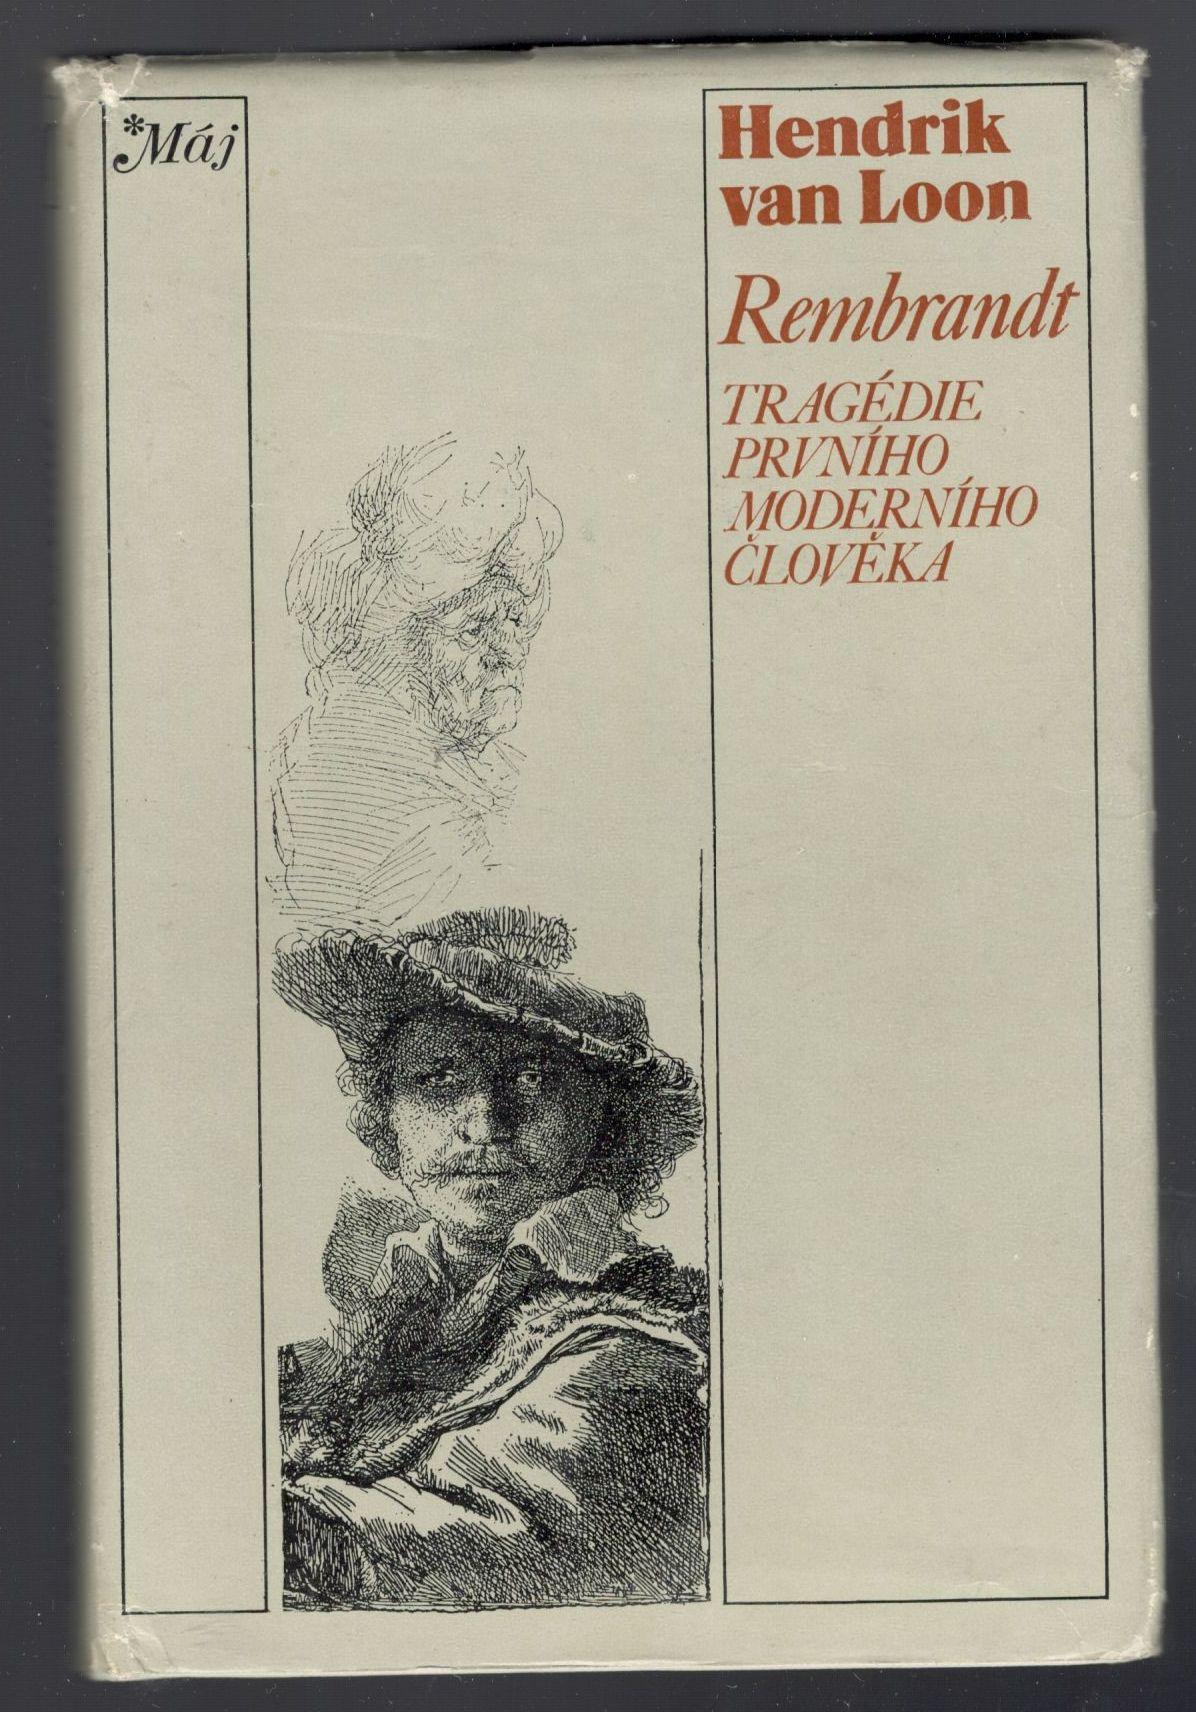 Rembrandt - Tragédie prvního moderního člověka - Hendrik van Loon